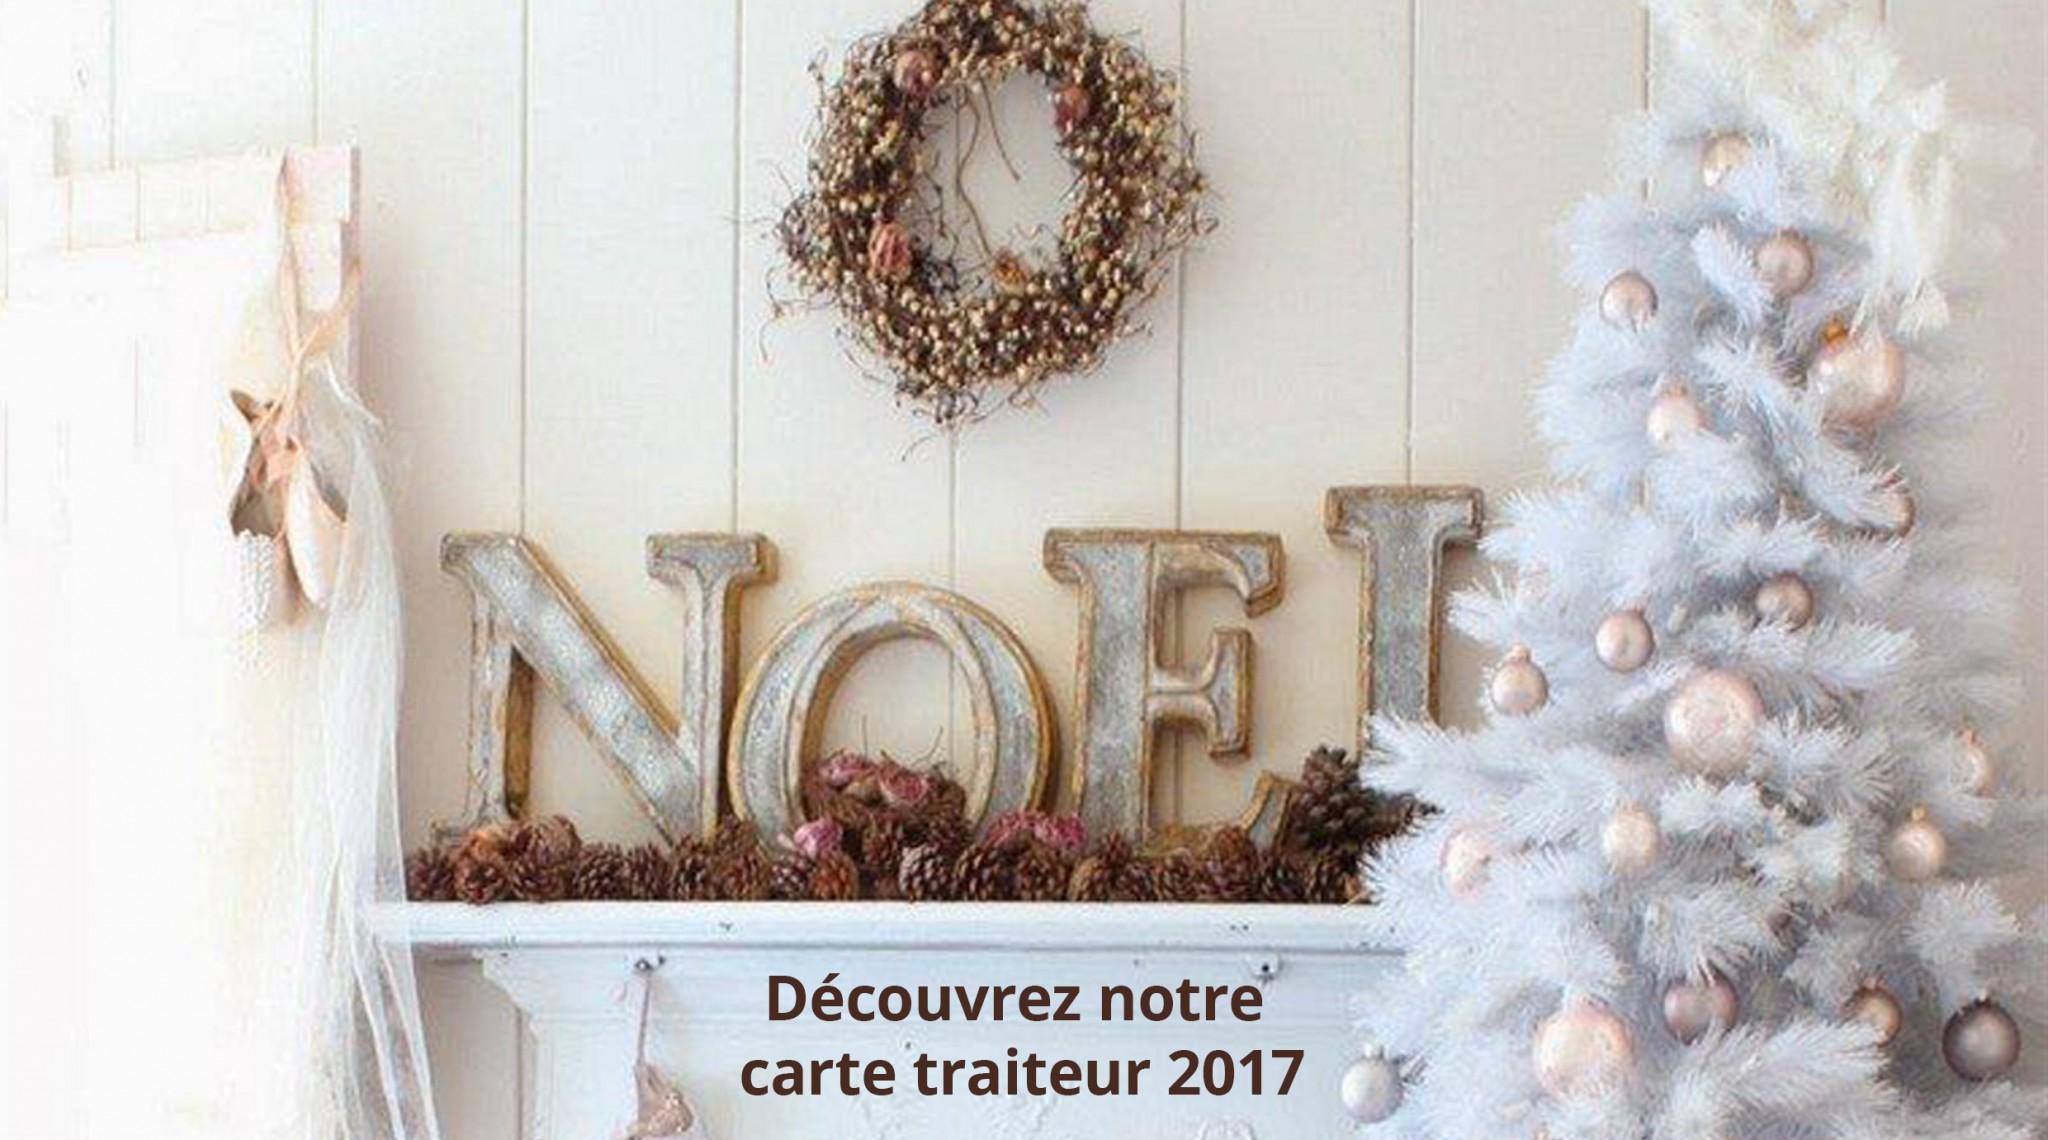 traiteur noel 2017 slide